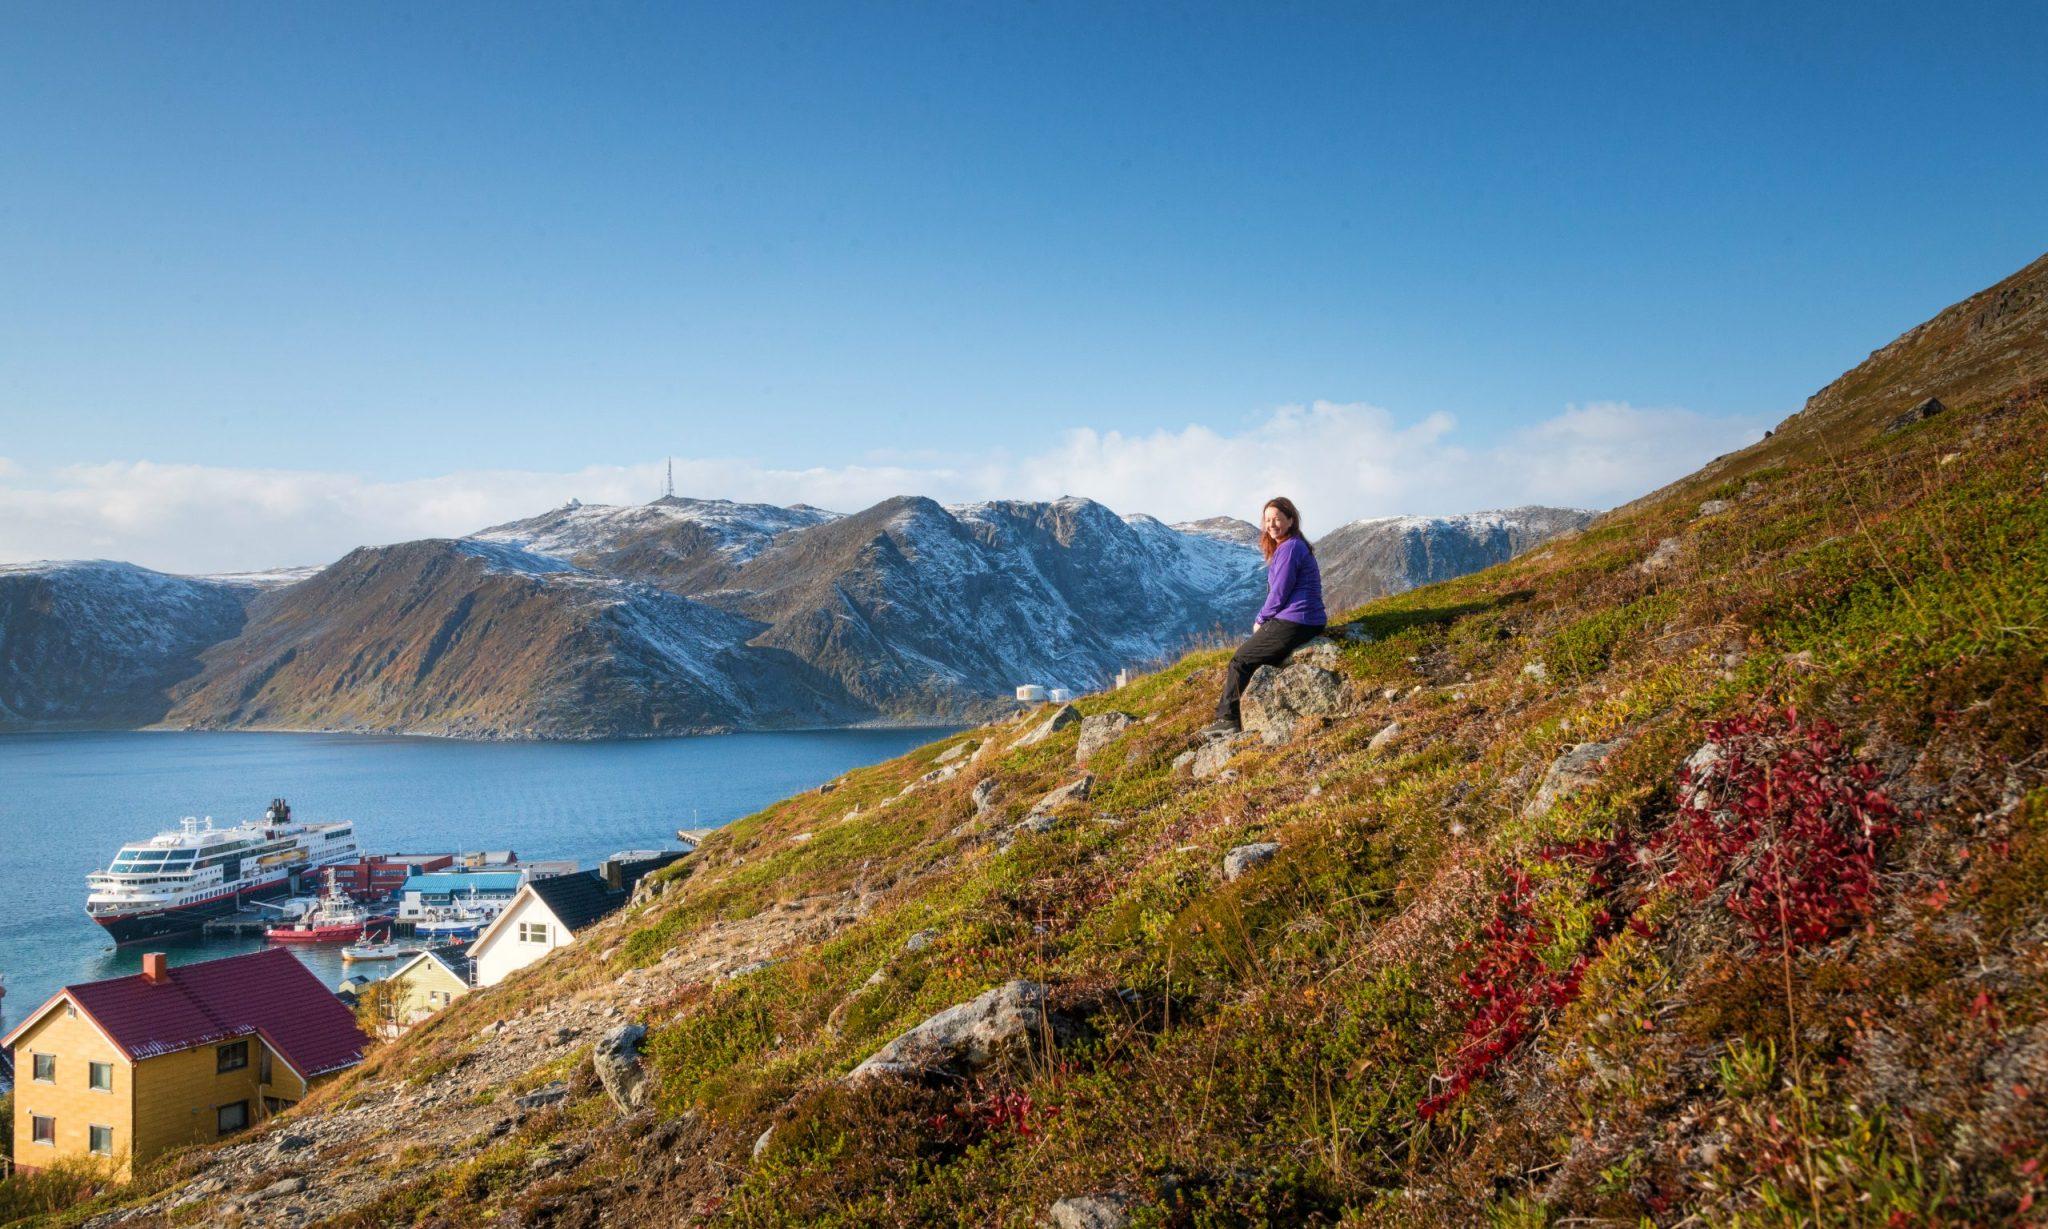 Höstfärger i det norska landskapet